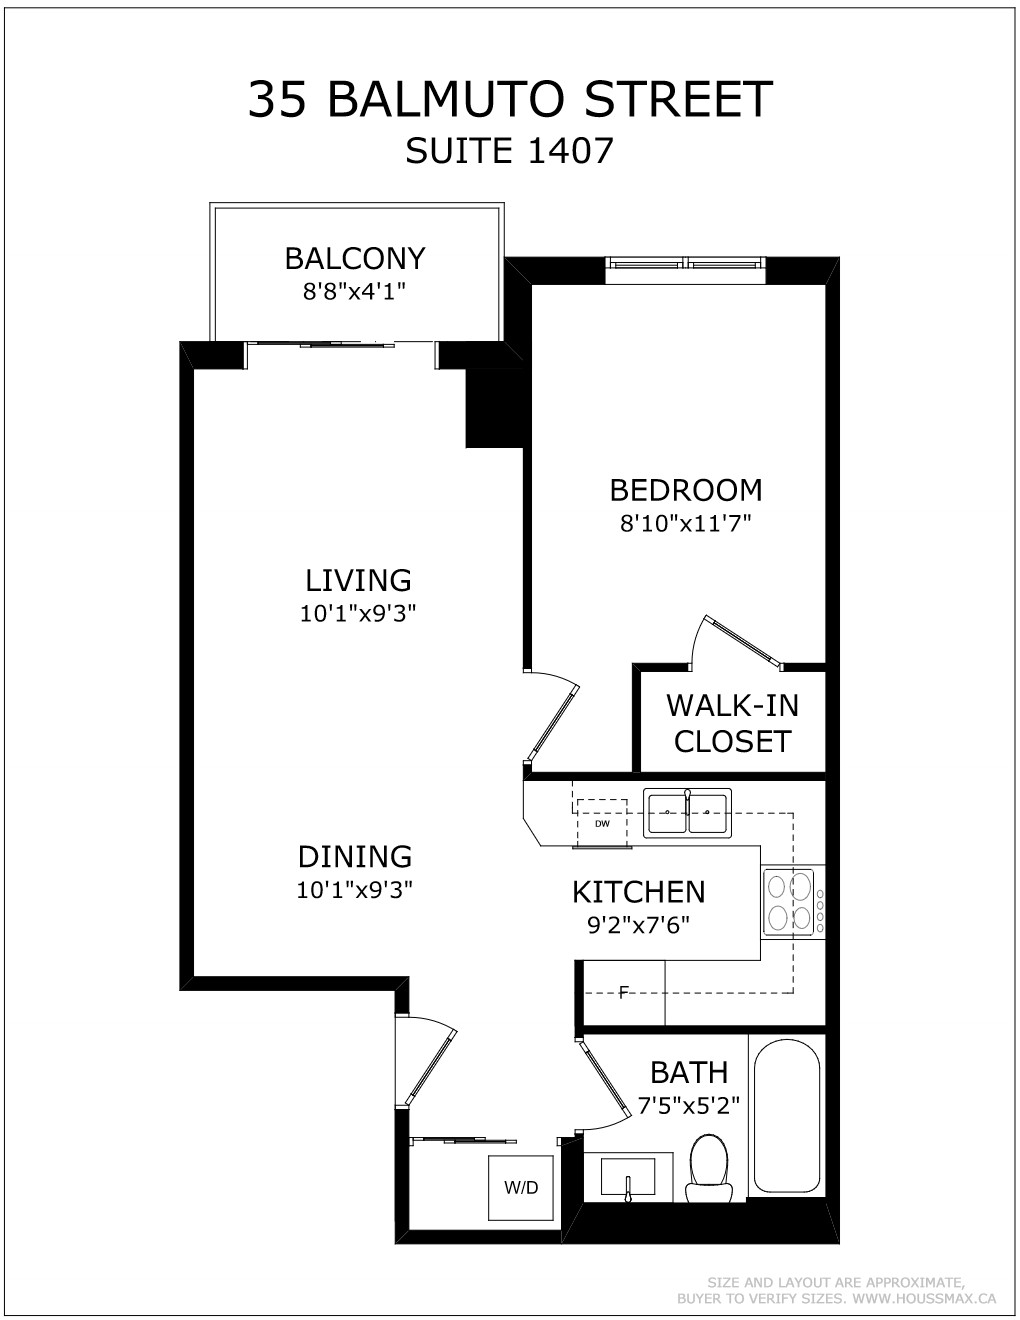 Floor plans for 35 Balmuto St Unit 1407.